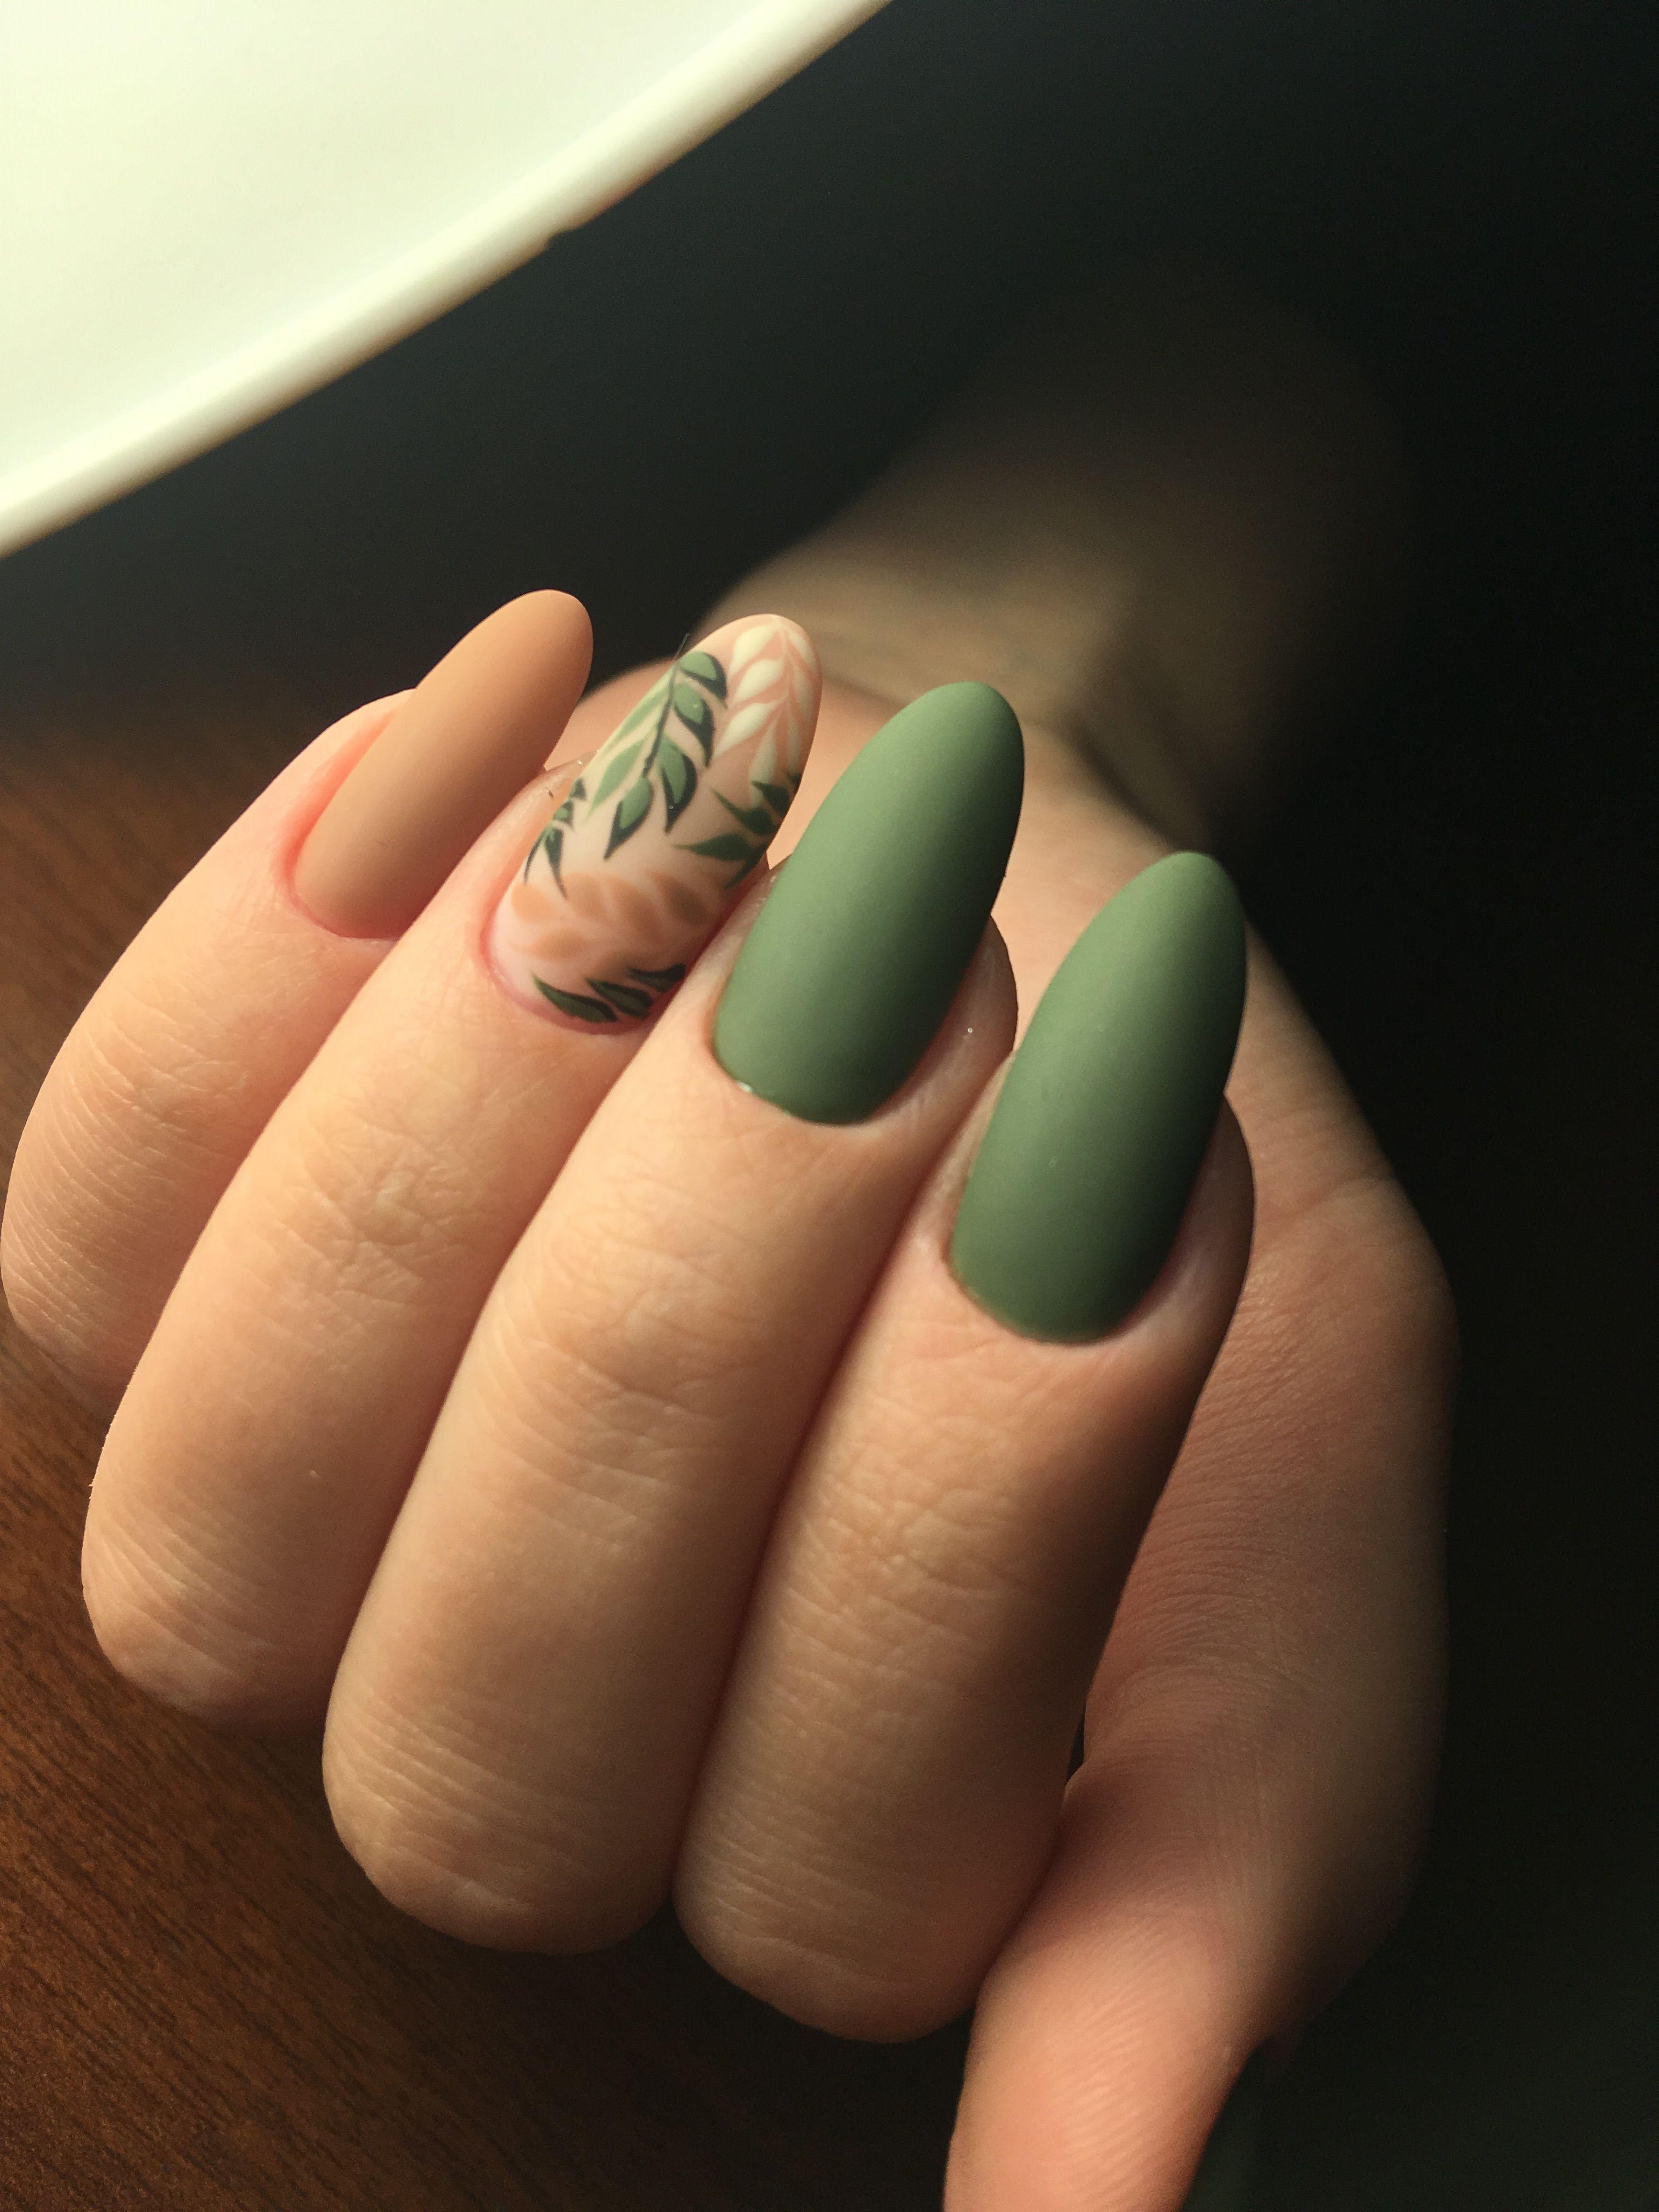 Pin By India Barnardo On Nails In 2020 Green Nails Green Nail